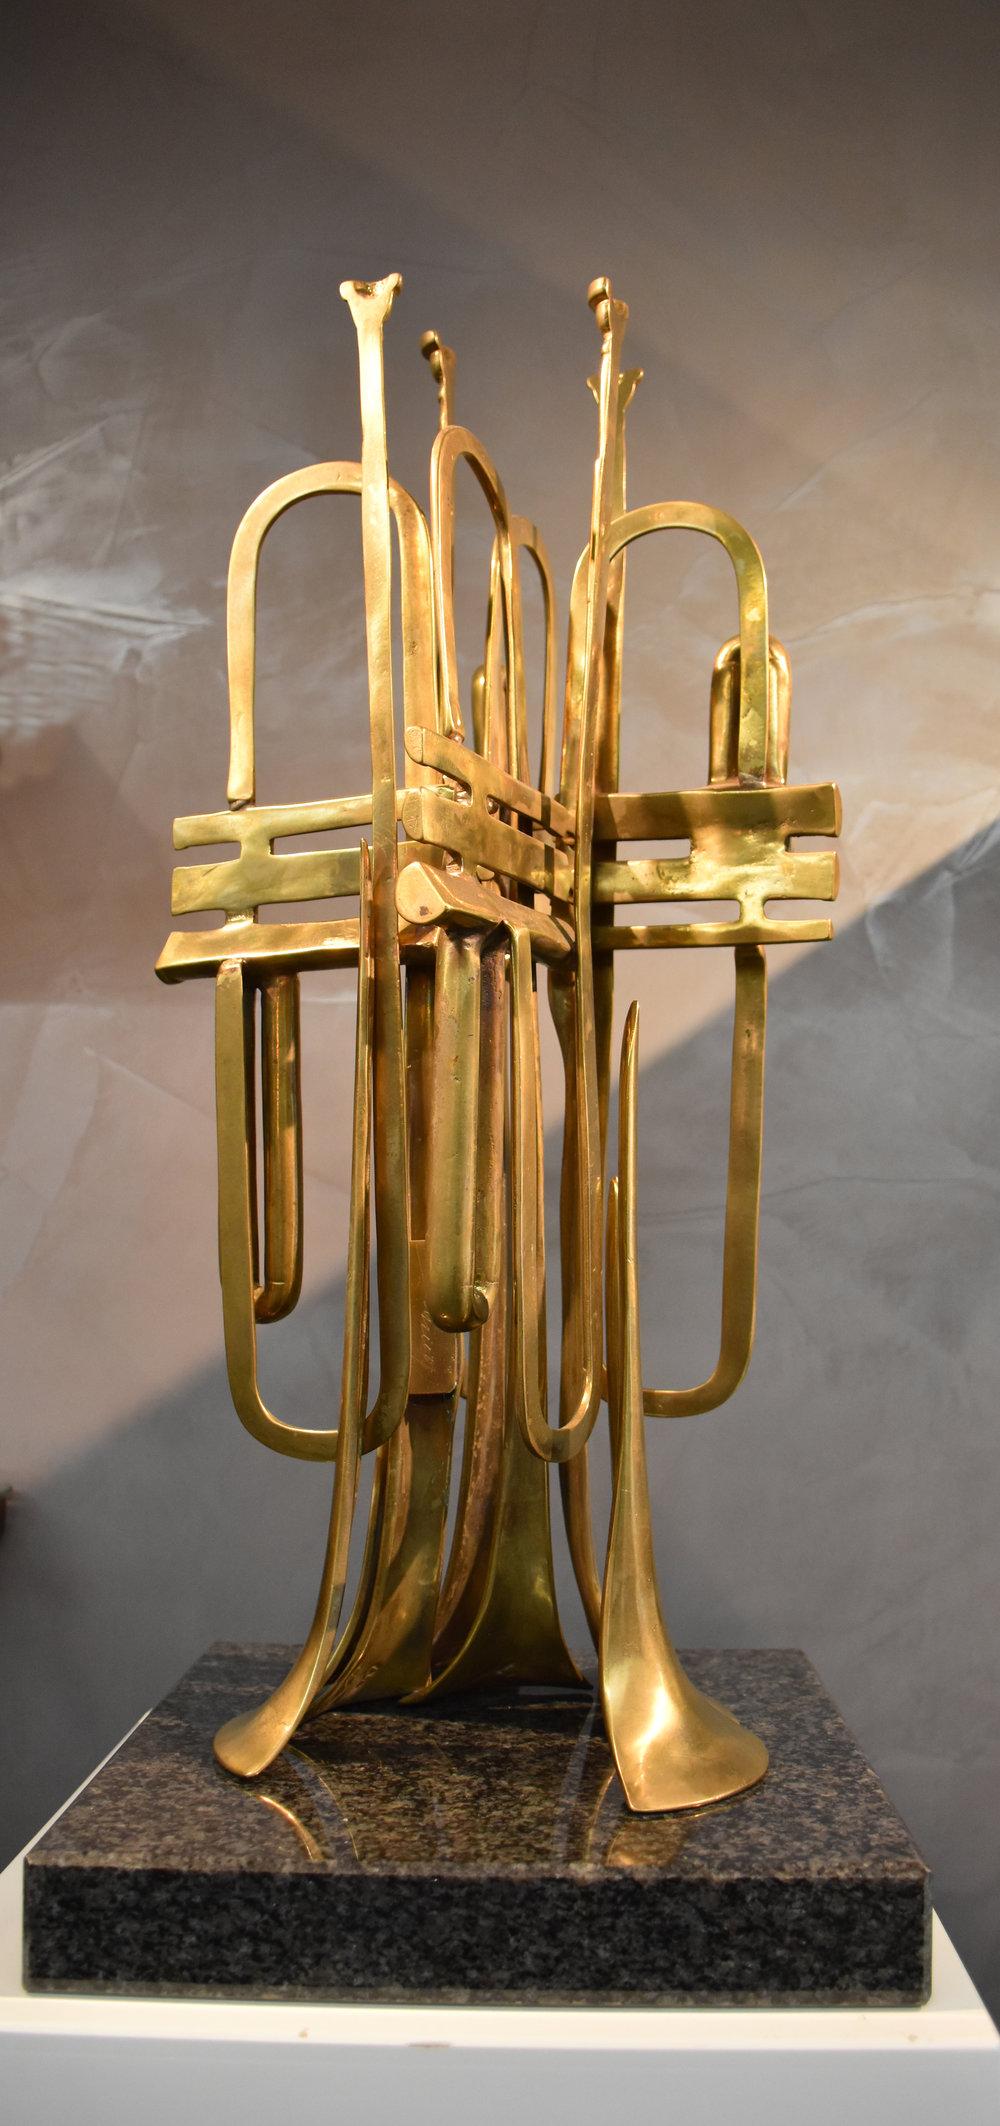 Trompettes Decoupees - 1989Bronze68/10060 x 25 x 28 cm